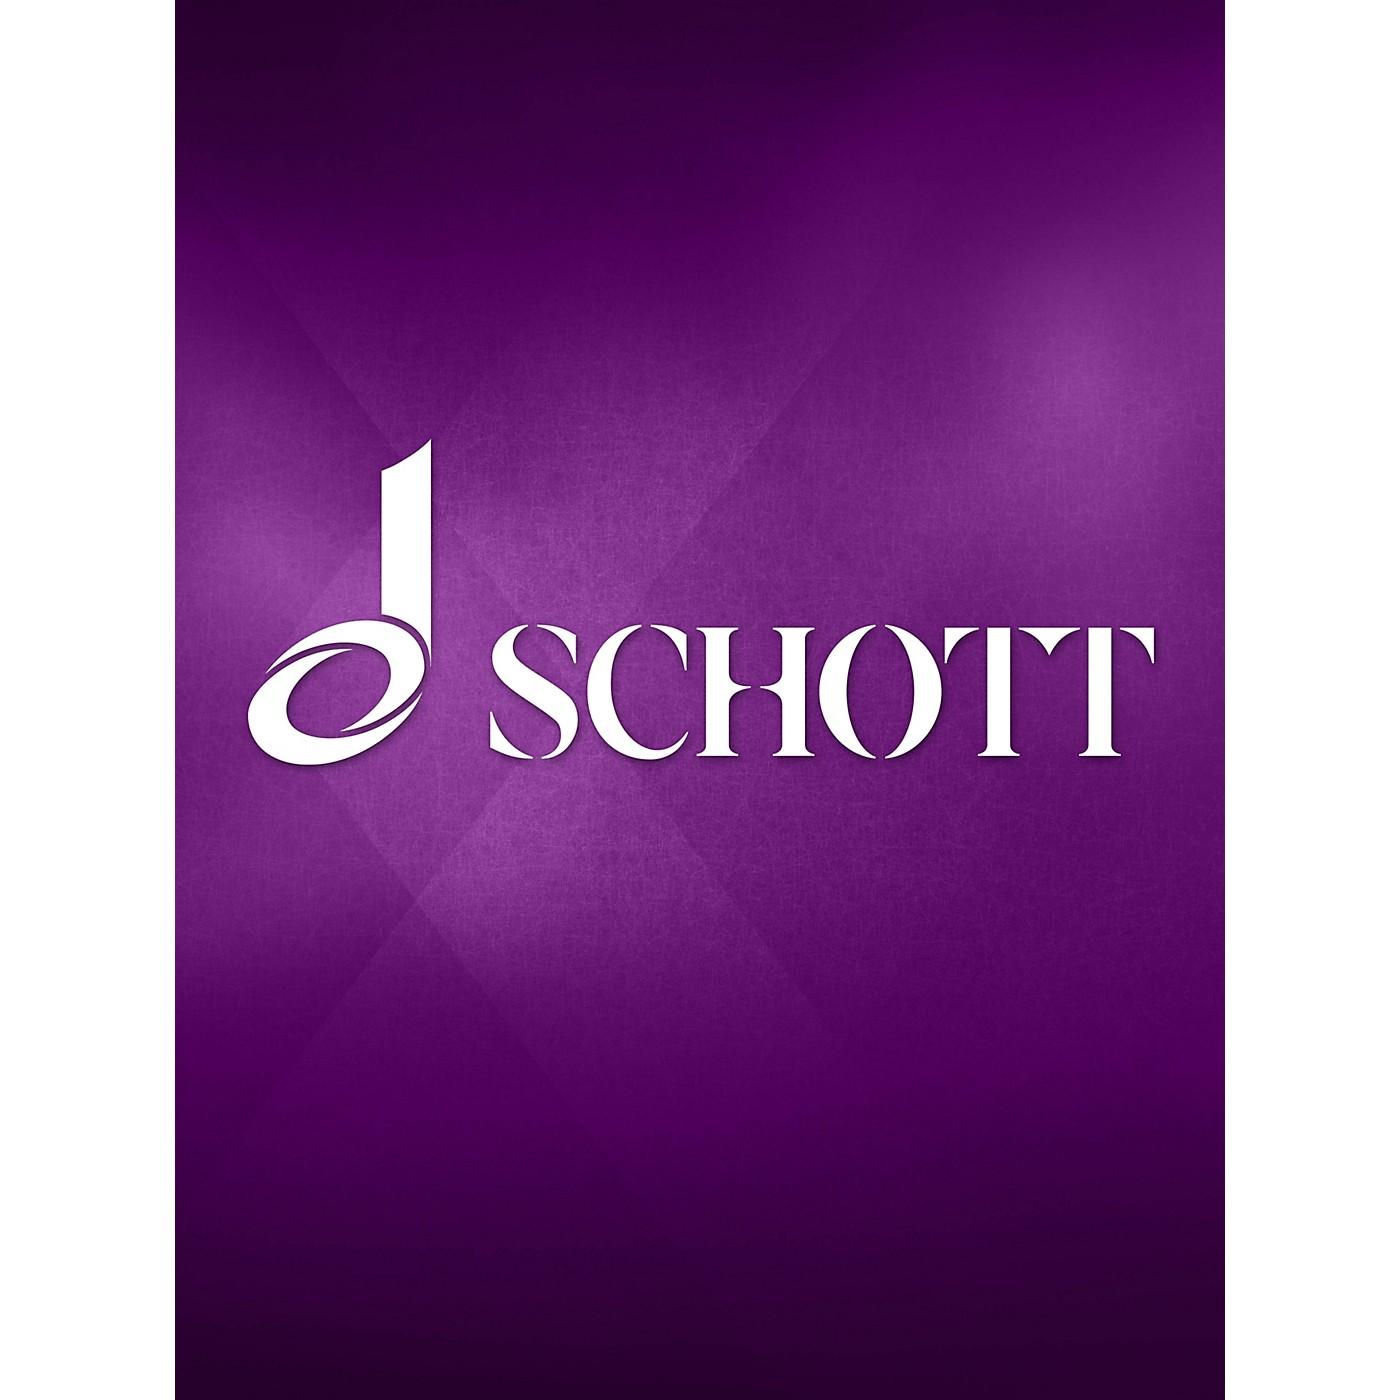 Schott Gondelfahrer (Bass 1 Part) TTBB Composed by Franz Schubert thumbnail